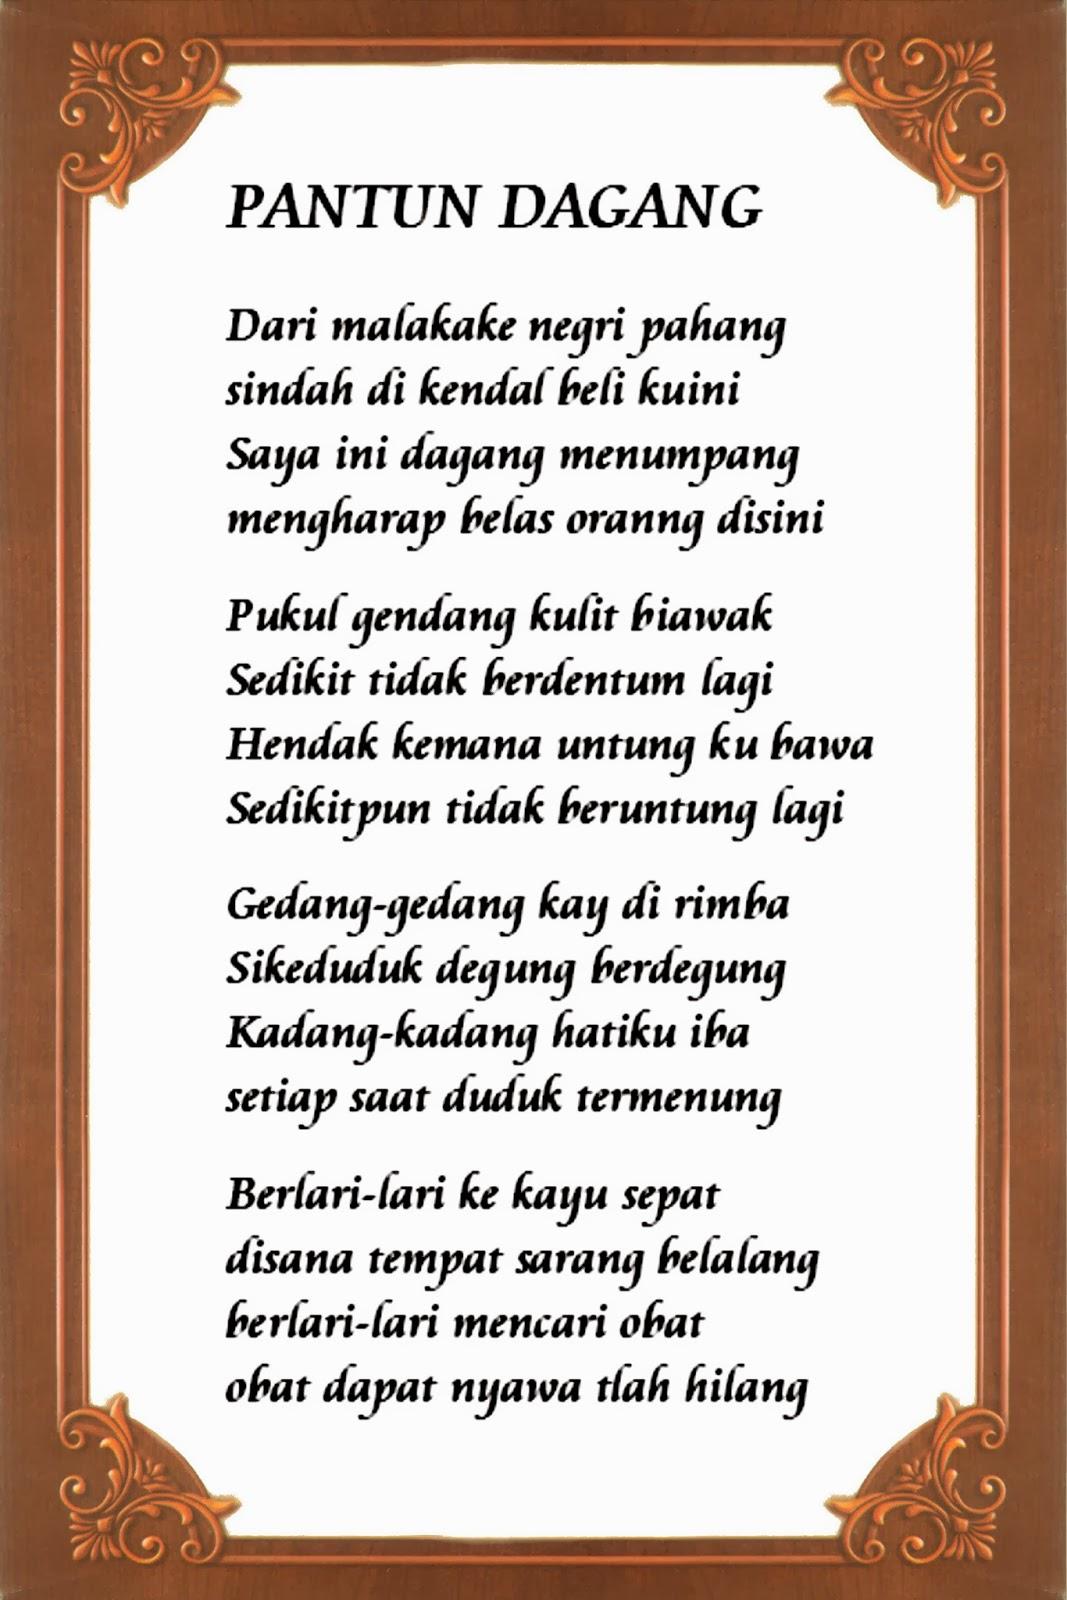 Contoh Cerita Rakyat Legenda Sangkuriang - Healthy Body ...